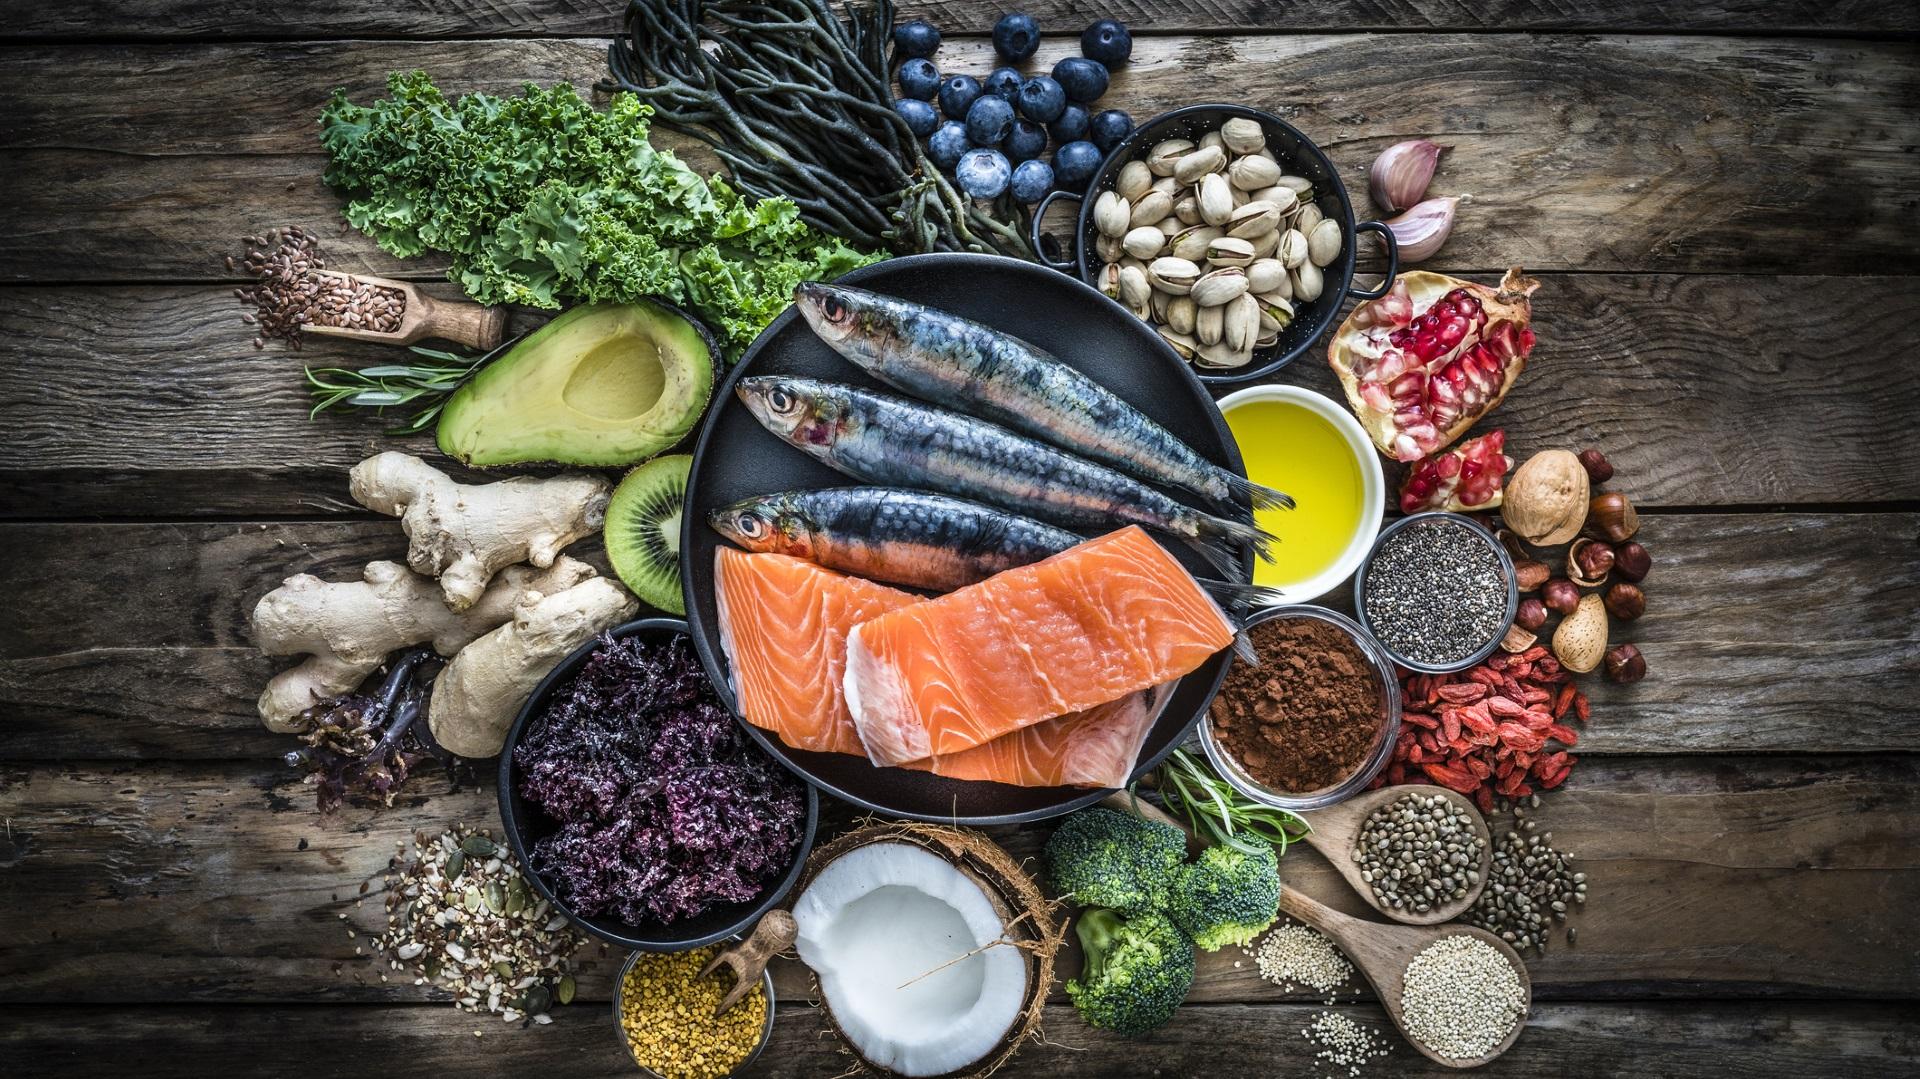 <p><strong>Хранете се внимателно</strong></p>  <p>Важно е да се поддържа здравословно тегло, тъй като това намалява рисковете от редица проблеми, включително сърдечни заболявания, диабет, сънна апнея и други. Намалете размера на порцията си поне наполовина, уверете се, че всъщност дъвчете храната си, правете едно хранене на ден само с плодове и зеленчуци и спрете да ядете поне два часа преди сън.</p>